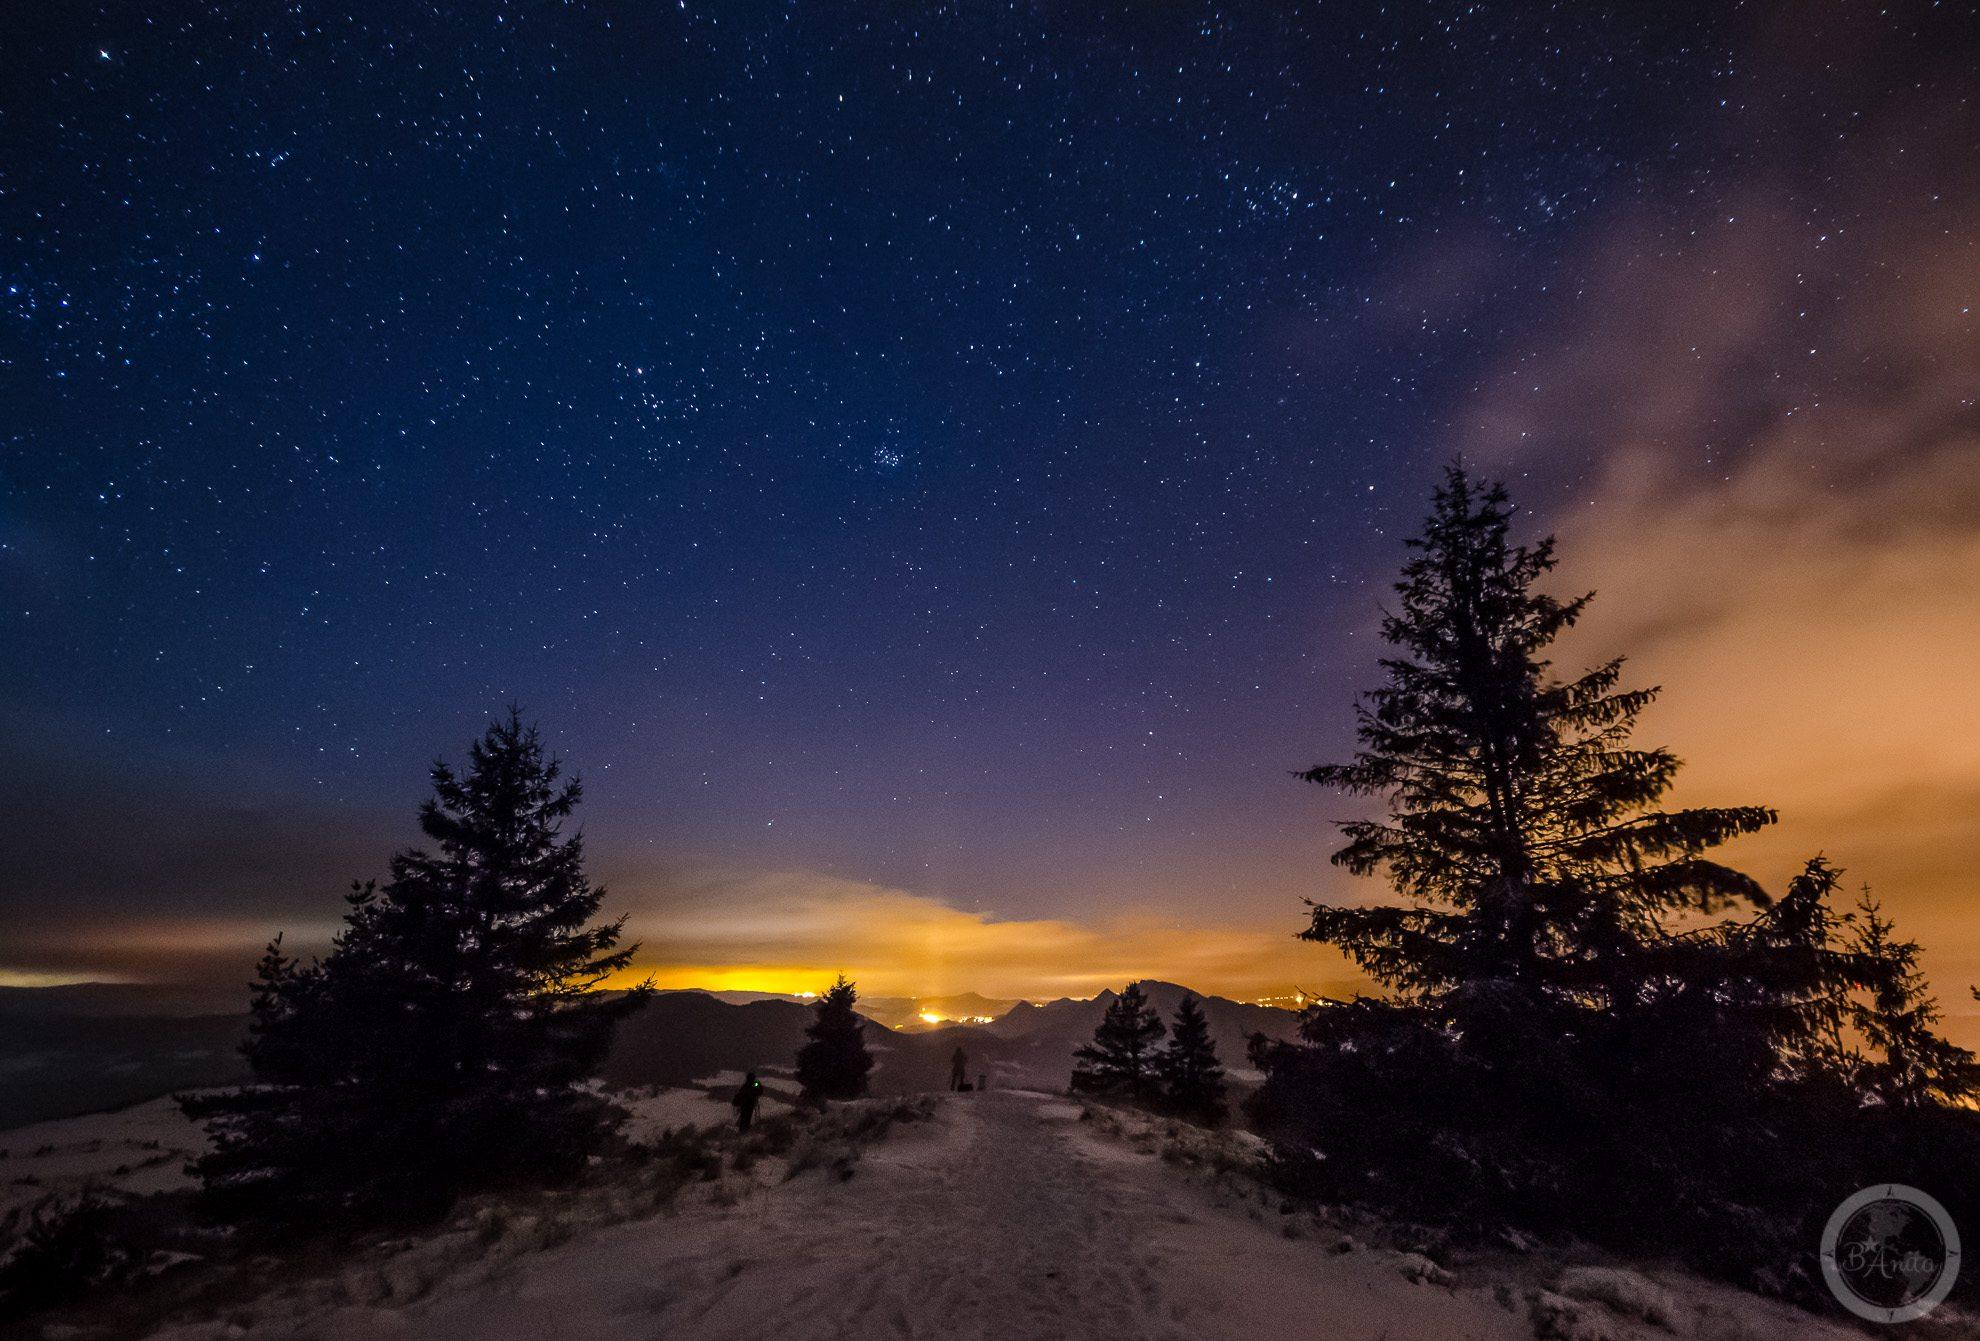 Nocna fotografia rozgwiedżonego nieba. Wysoki Wierch wMałych Pieninach